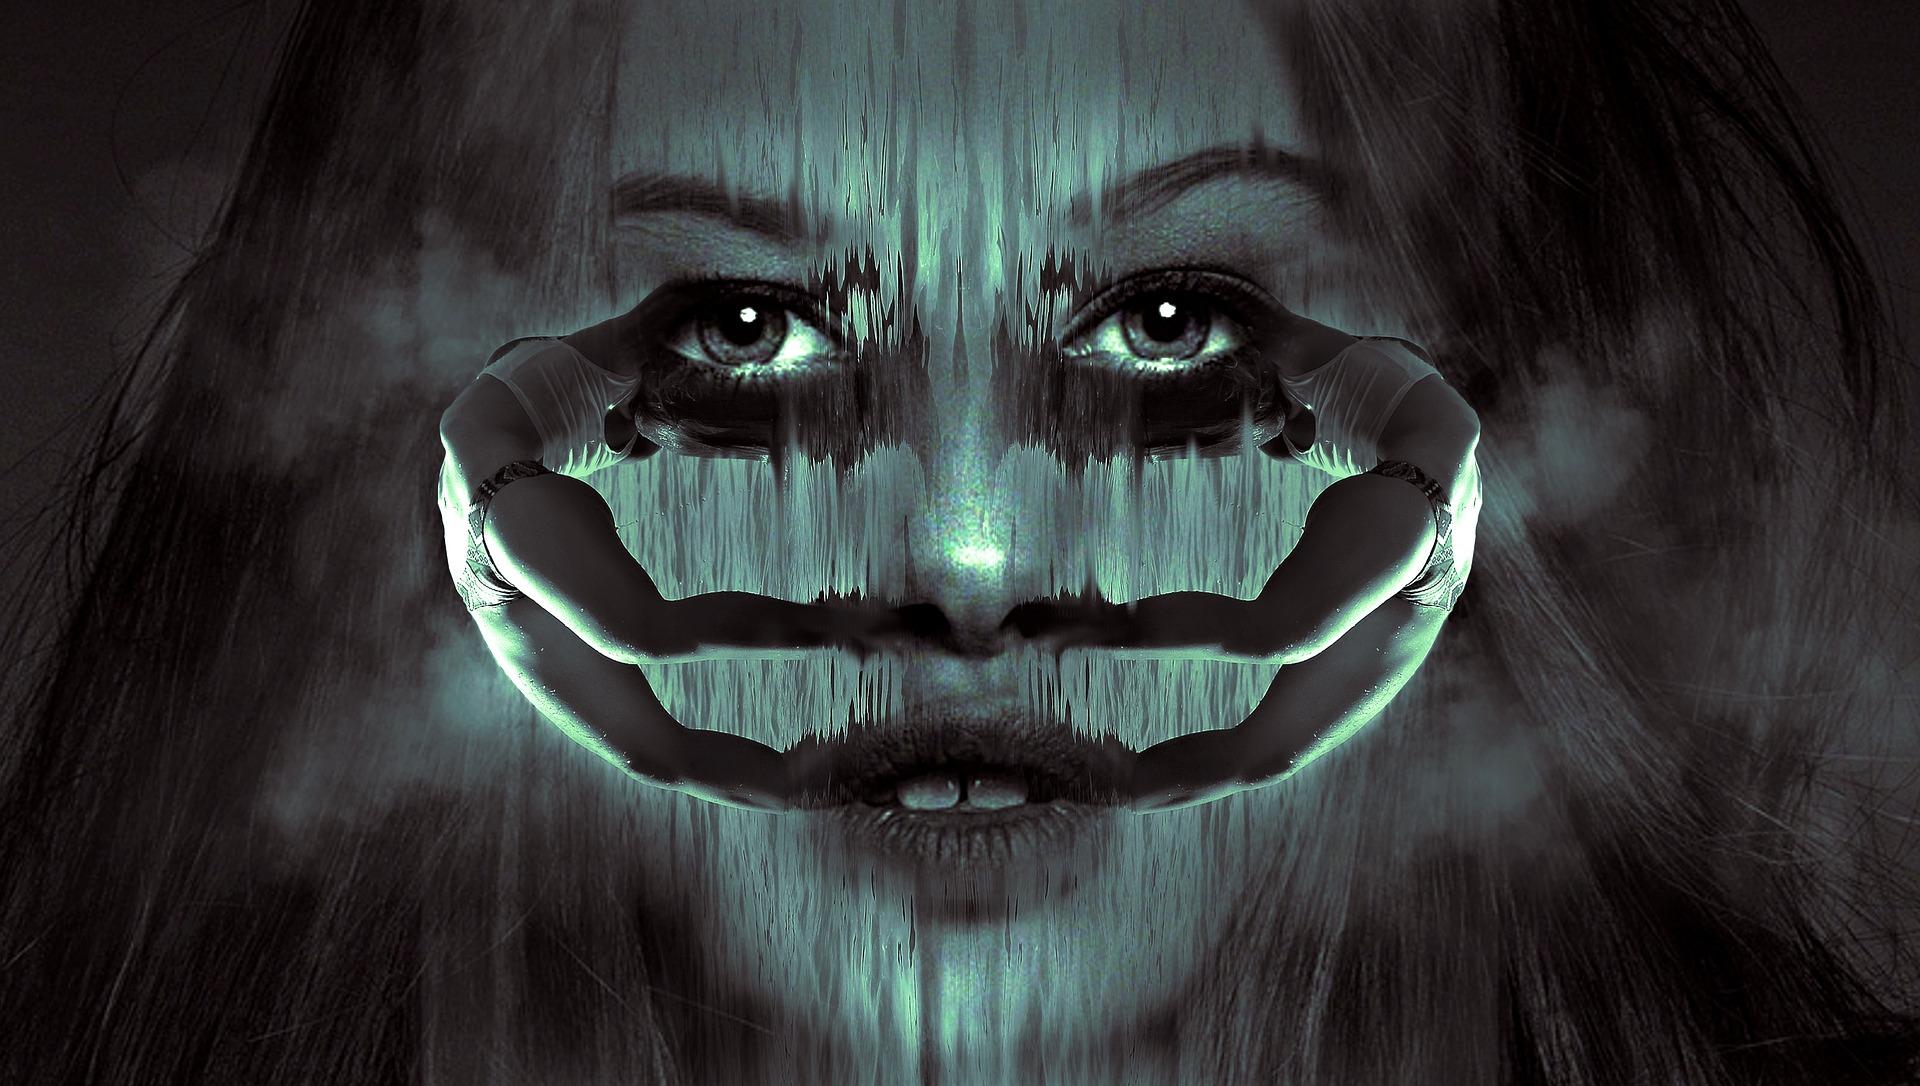 spiegelbeeld vrouw